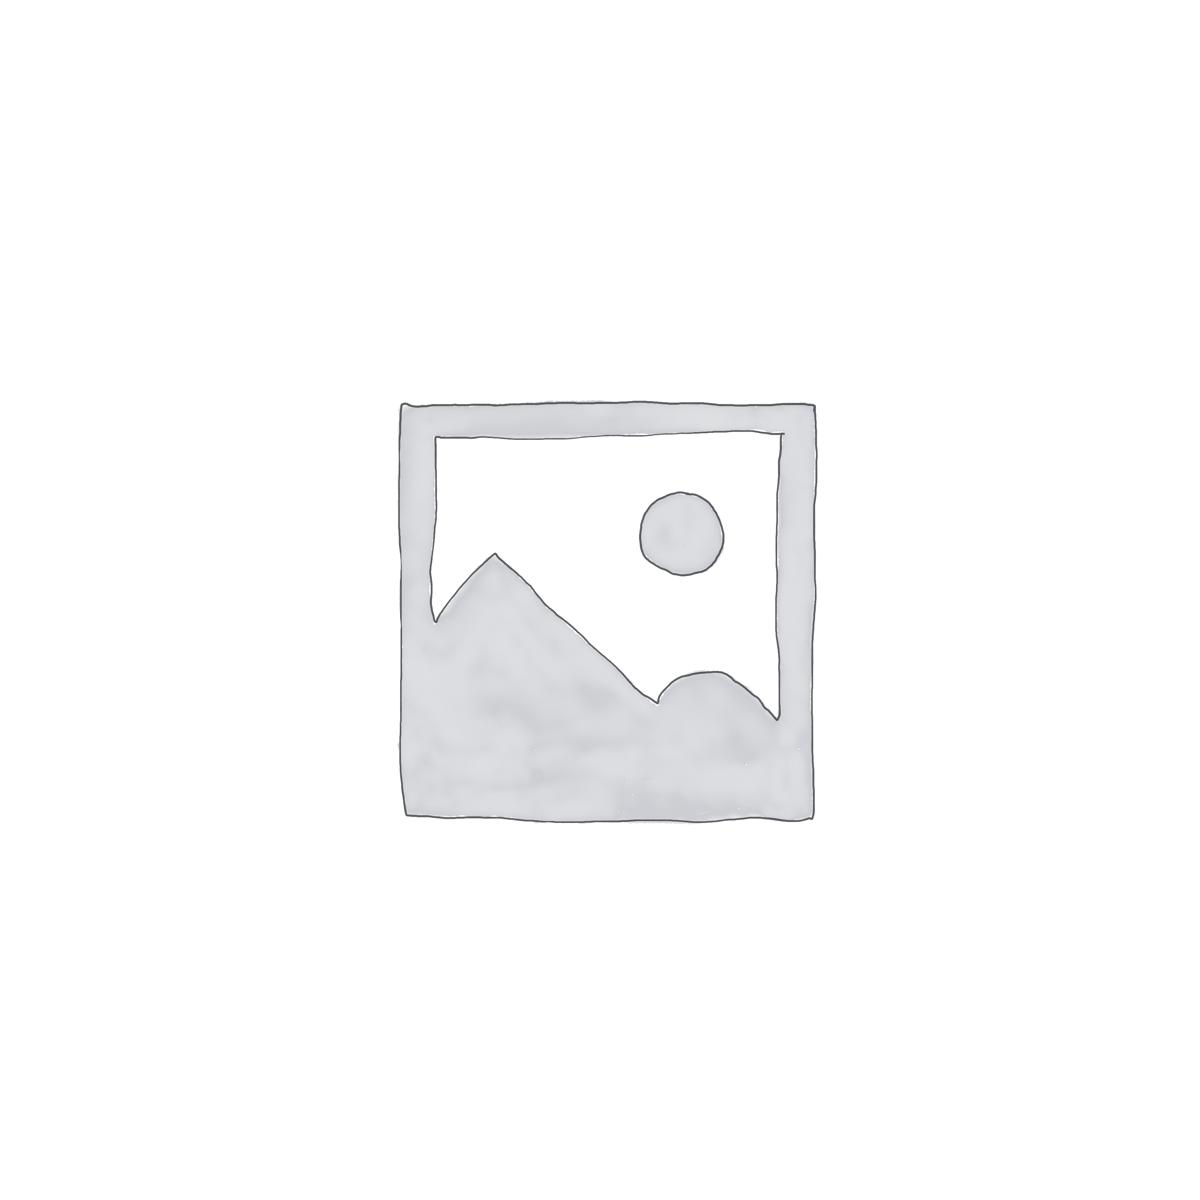 Mermaid and Ocean Life Wallpaper Mural